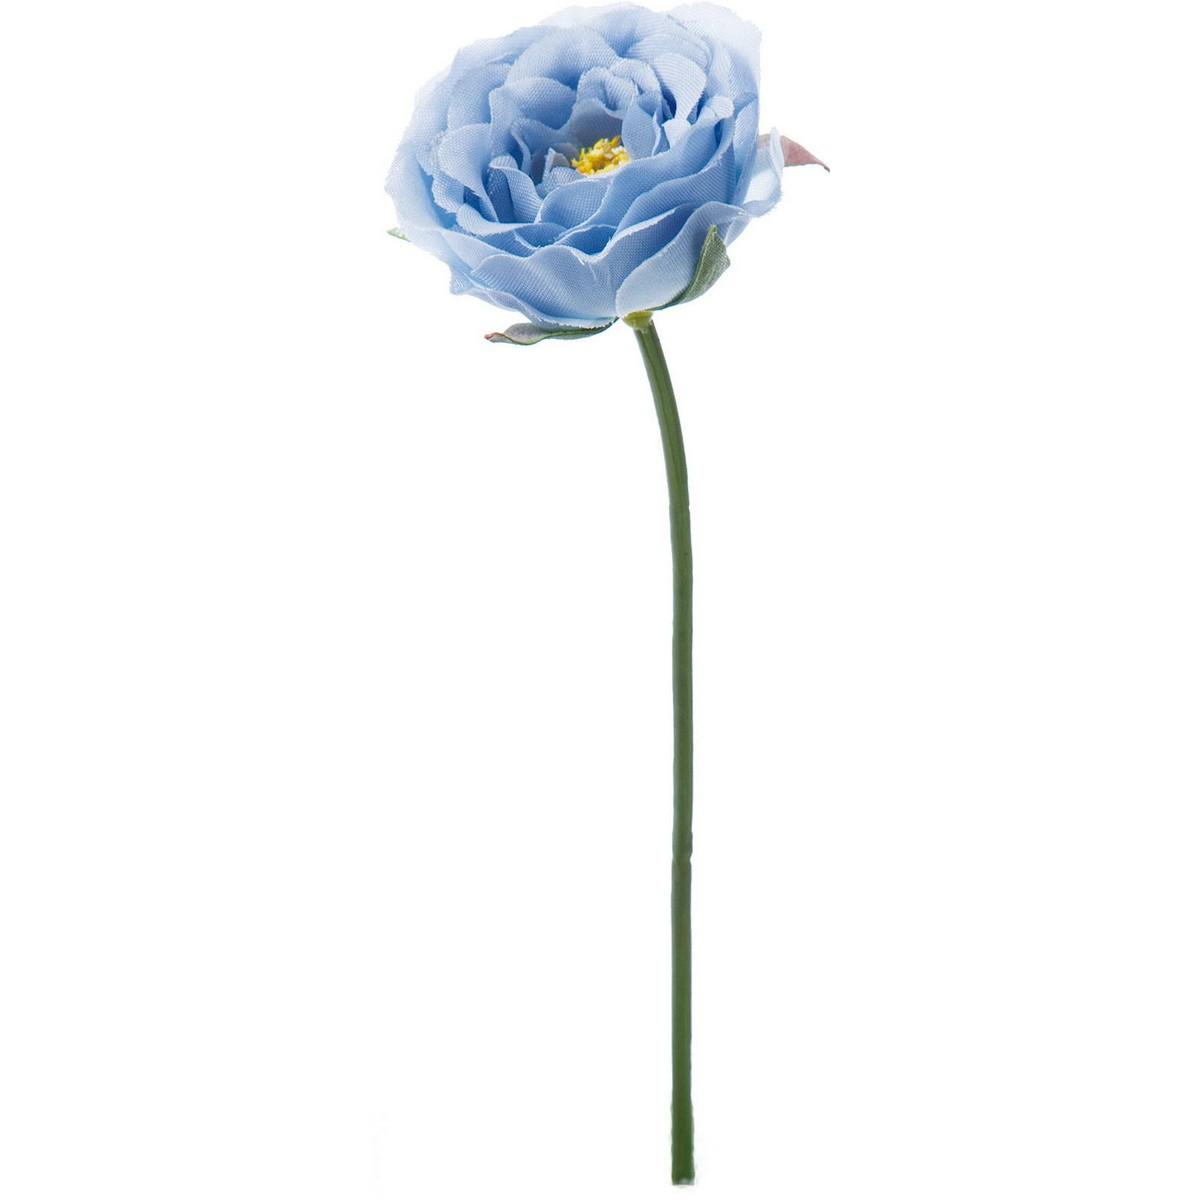 【造花】YDM/ミニガーデンローズピック ブルー/FA-7011-BLU【01】【取寄】《 造花(アーティフィシャルフラワー) 造花 花材「は行」 バラ 》